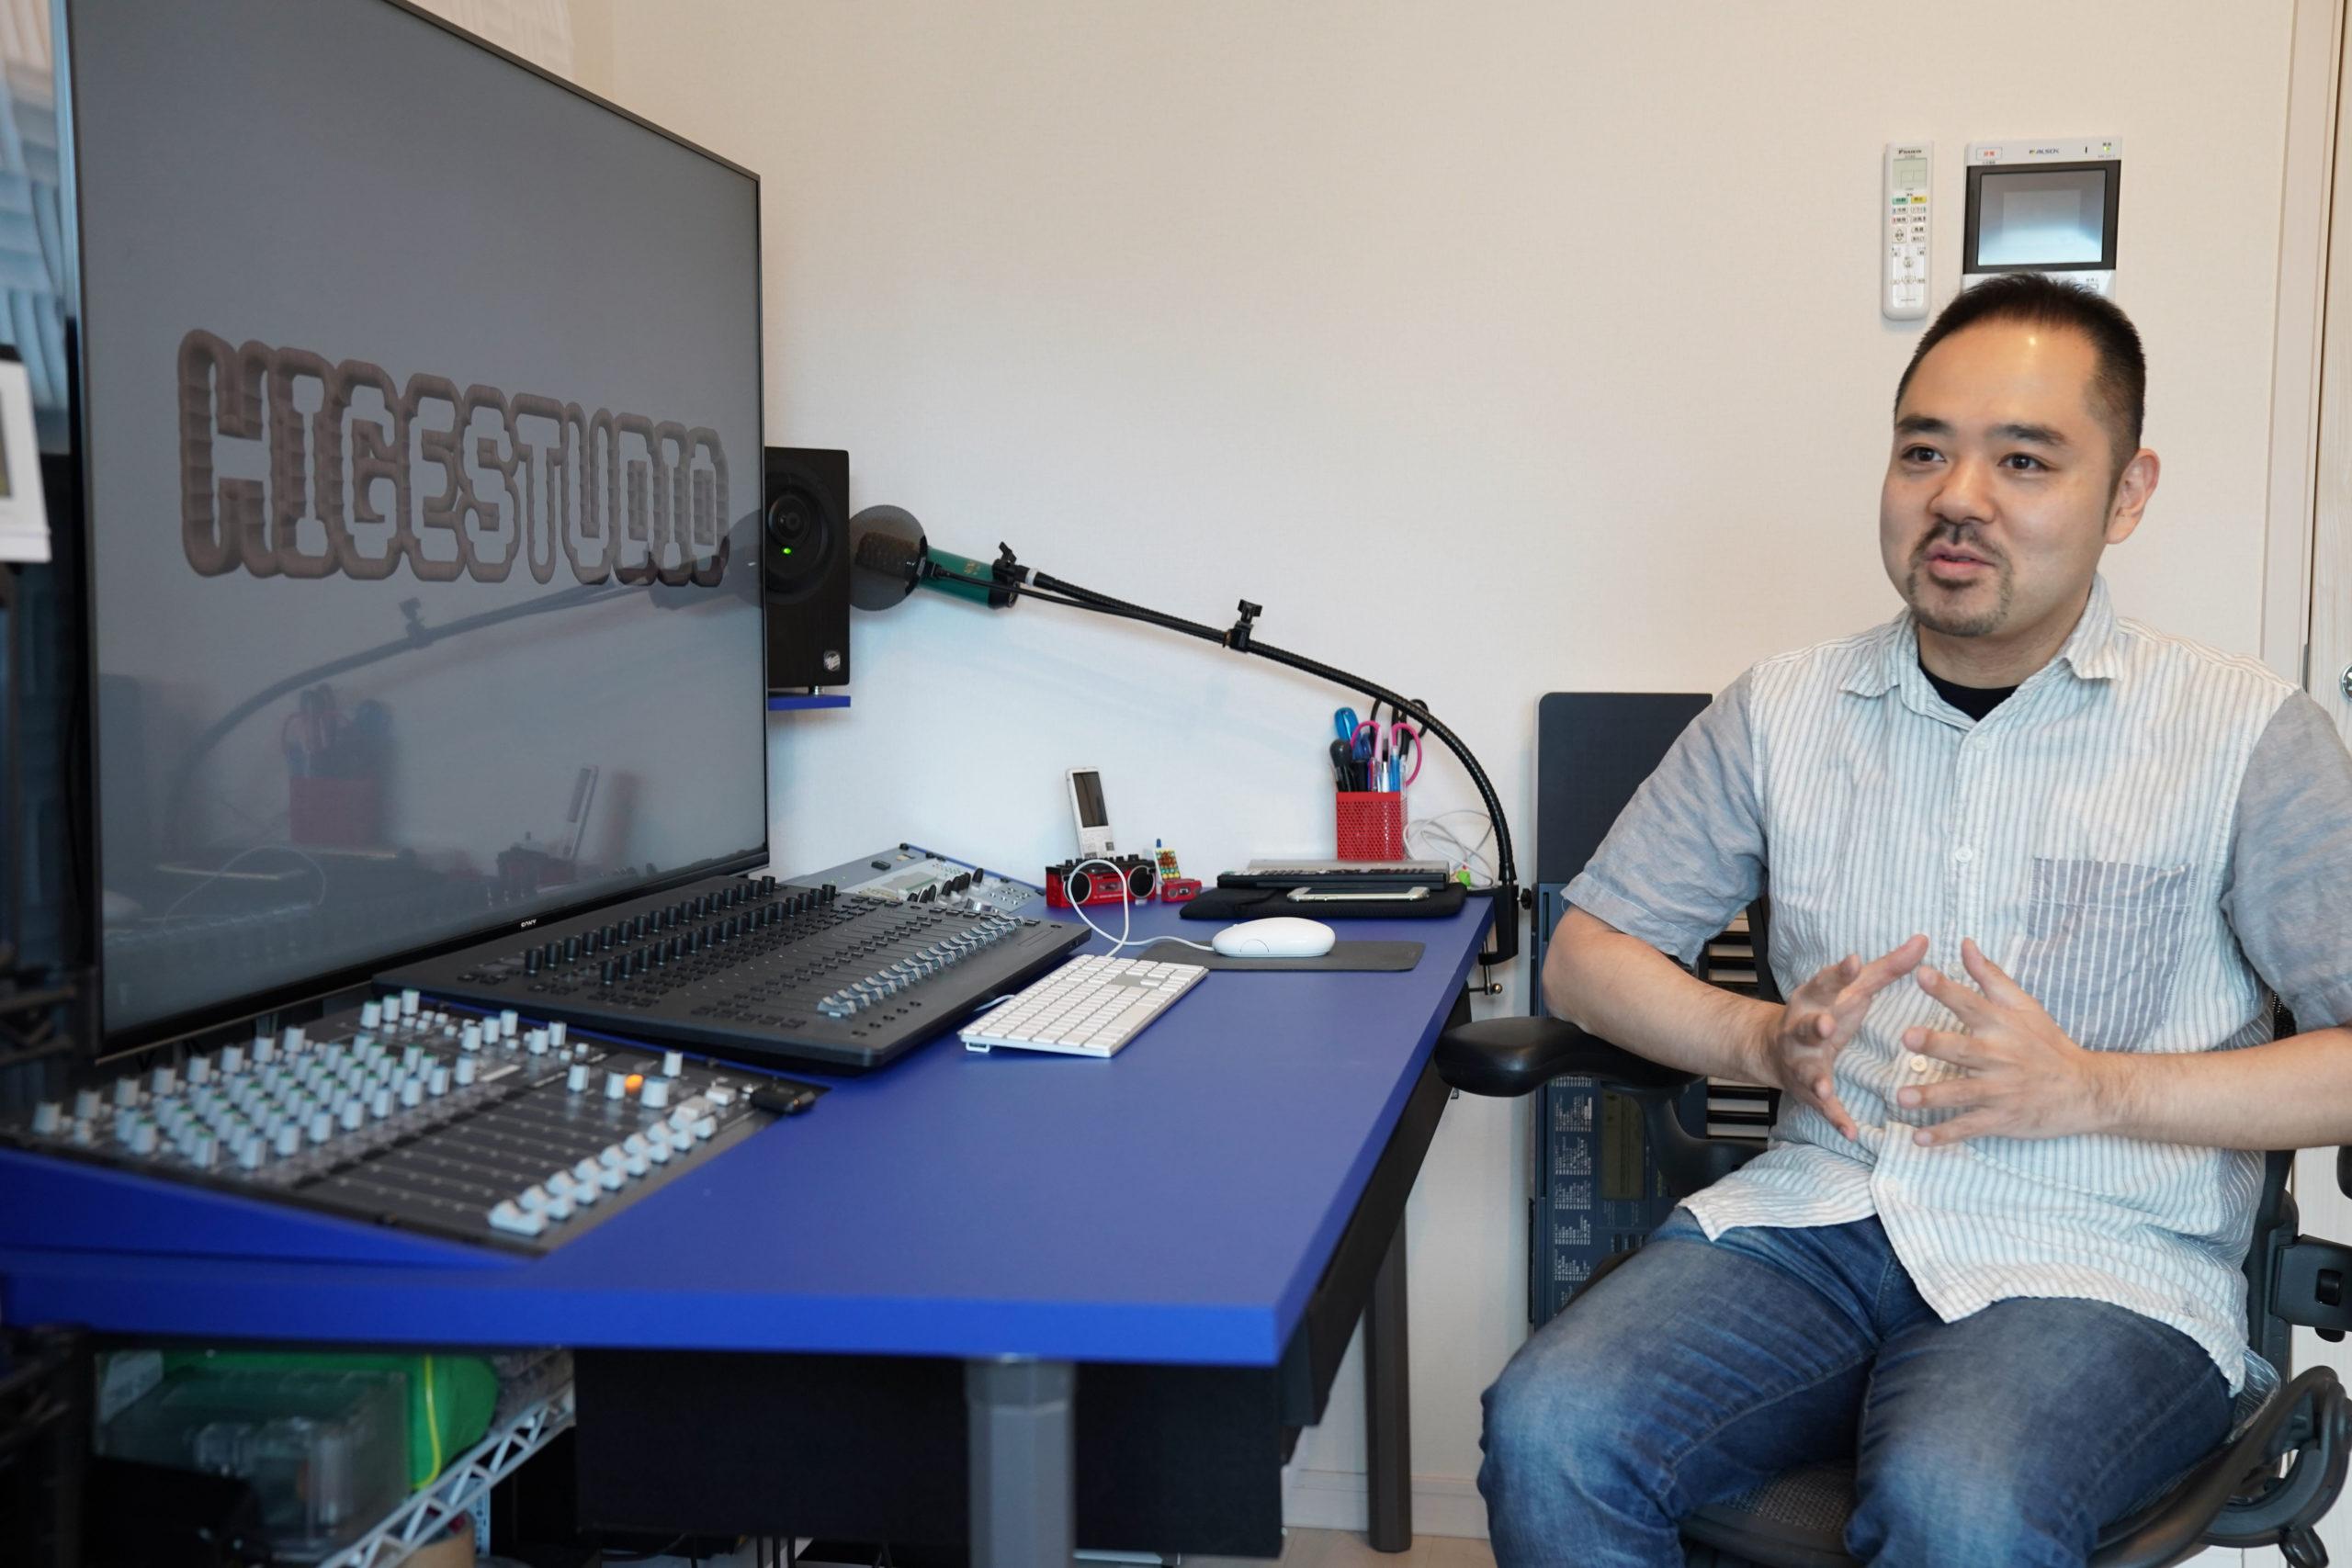 作曲家 内田智之さん「サウンドプルーフは音が漏れないし周囲の雑音も聞こえないから音楽制作に集中できる」